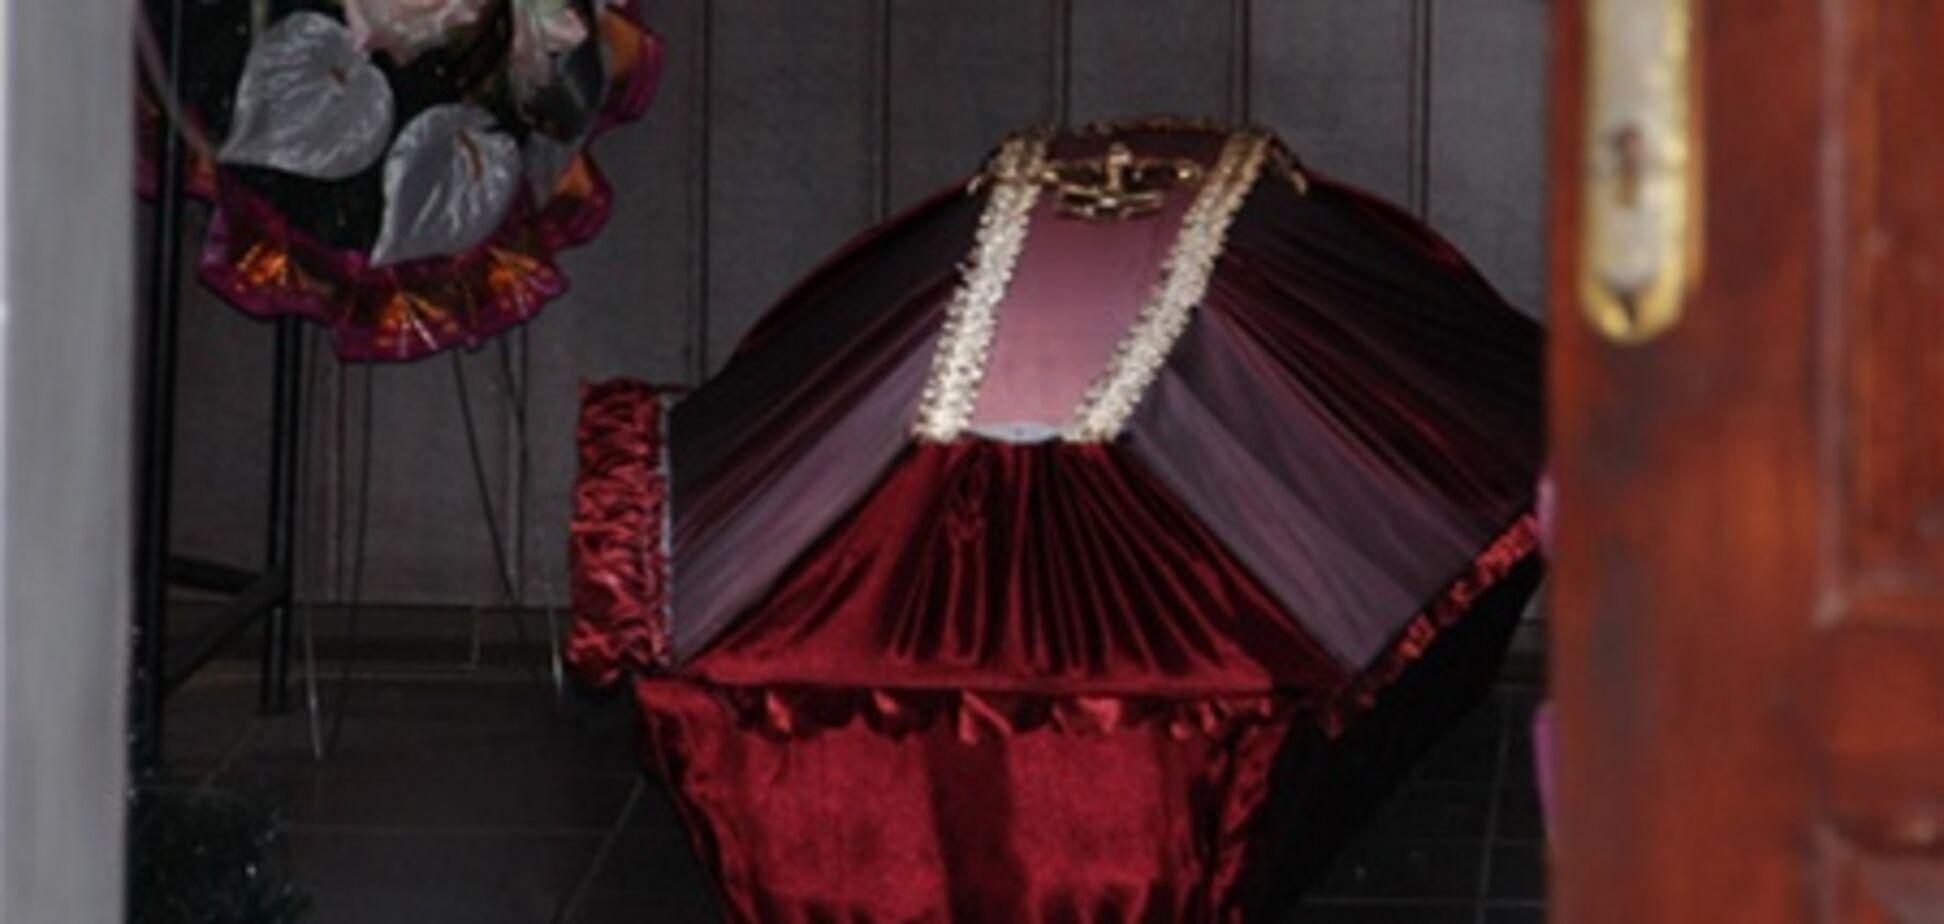 У Житомирі чоловік проміняв подружнє ложе на труну. Фото